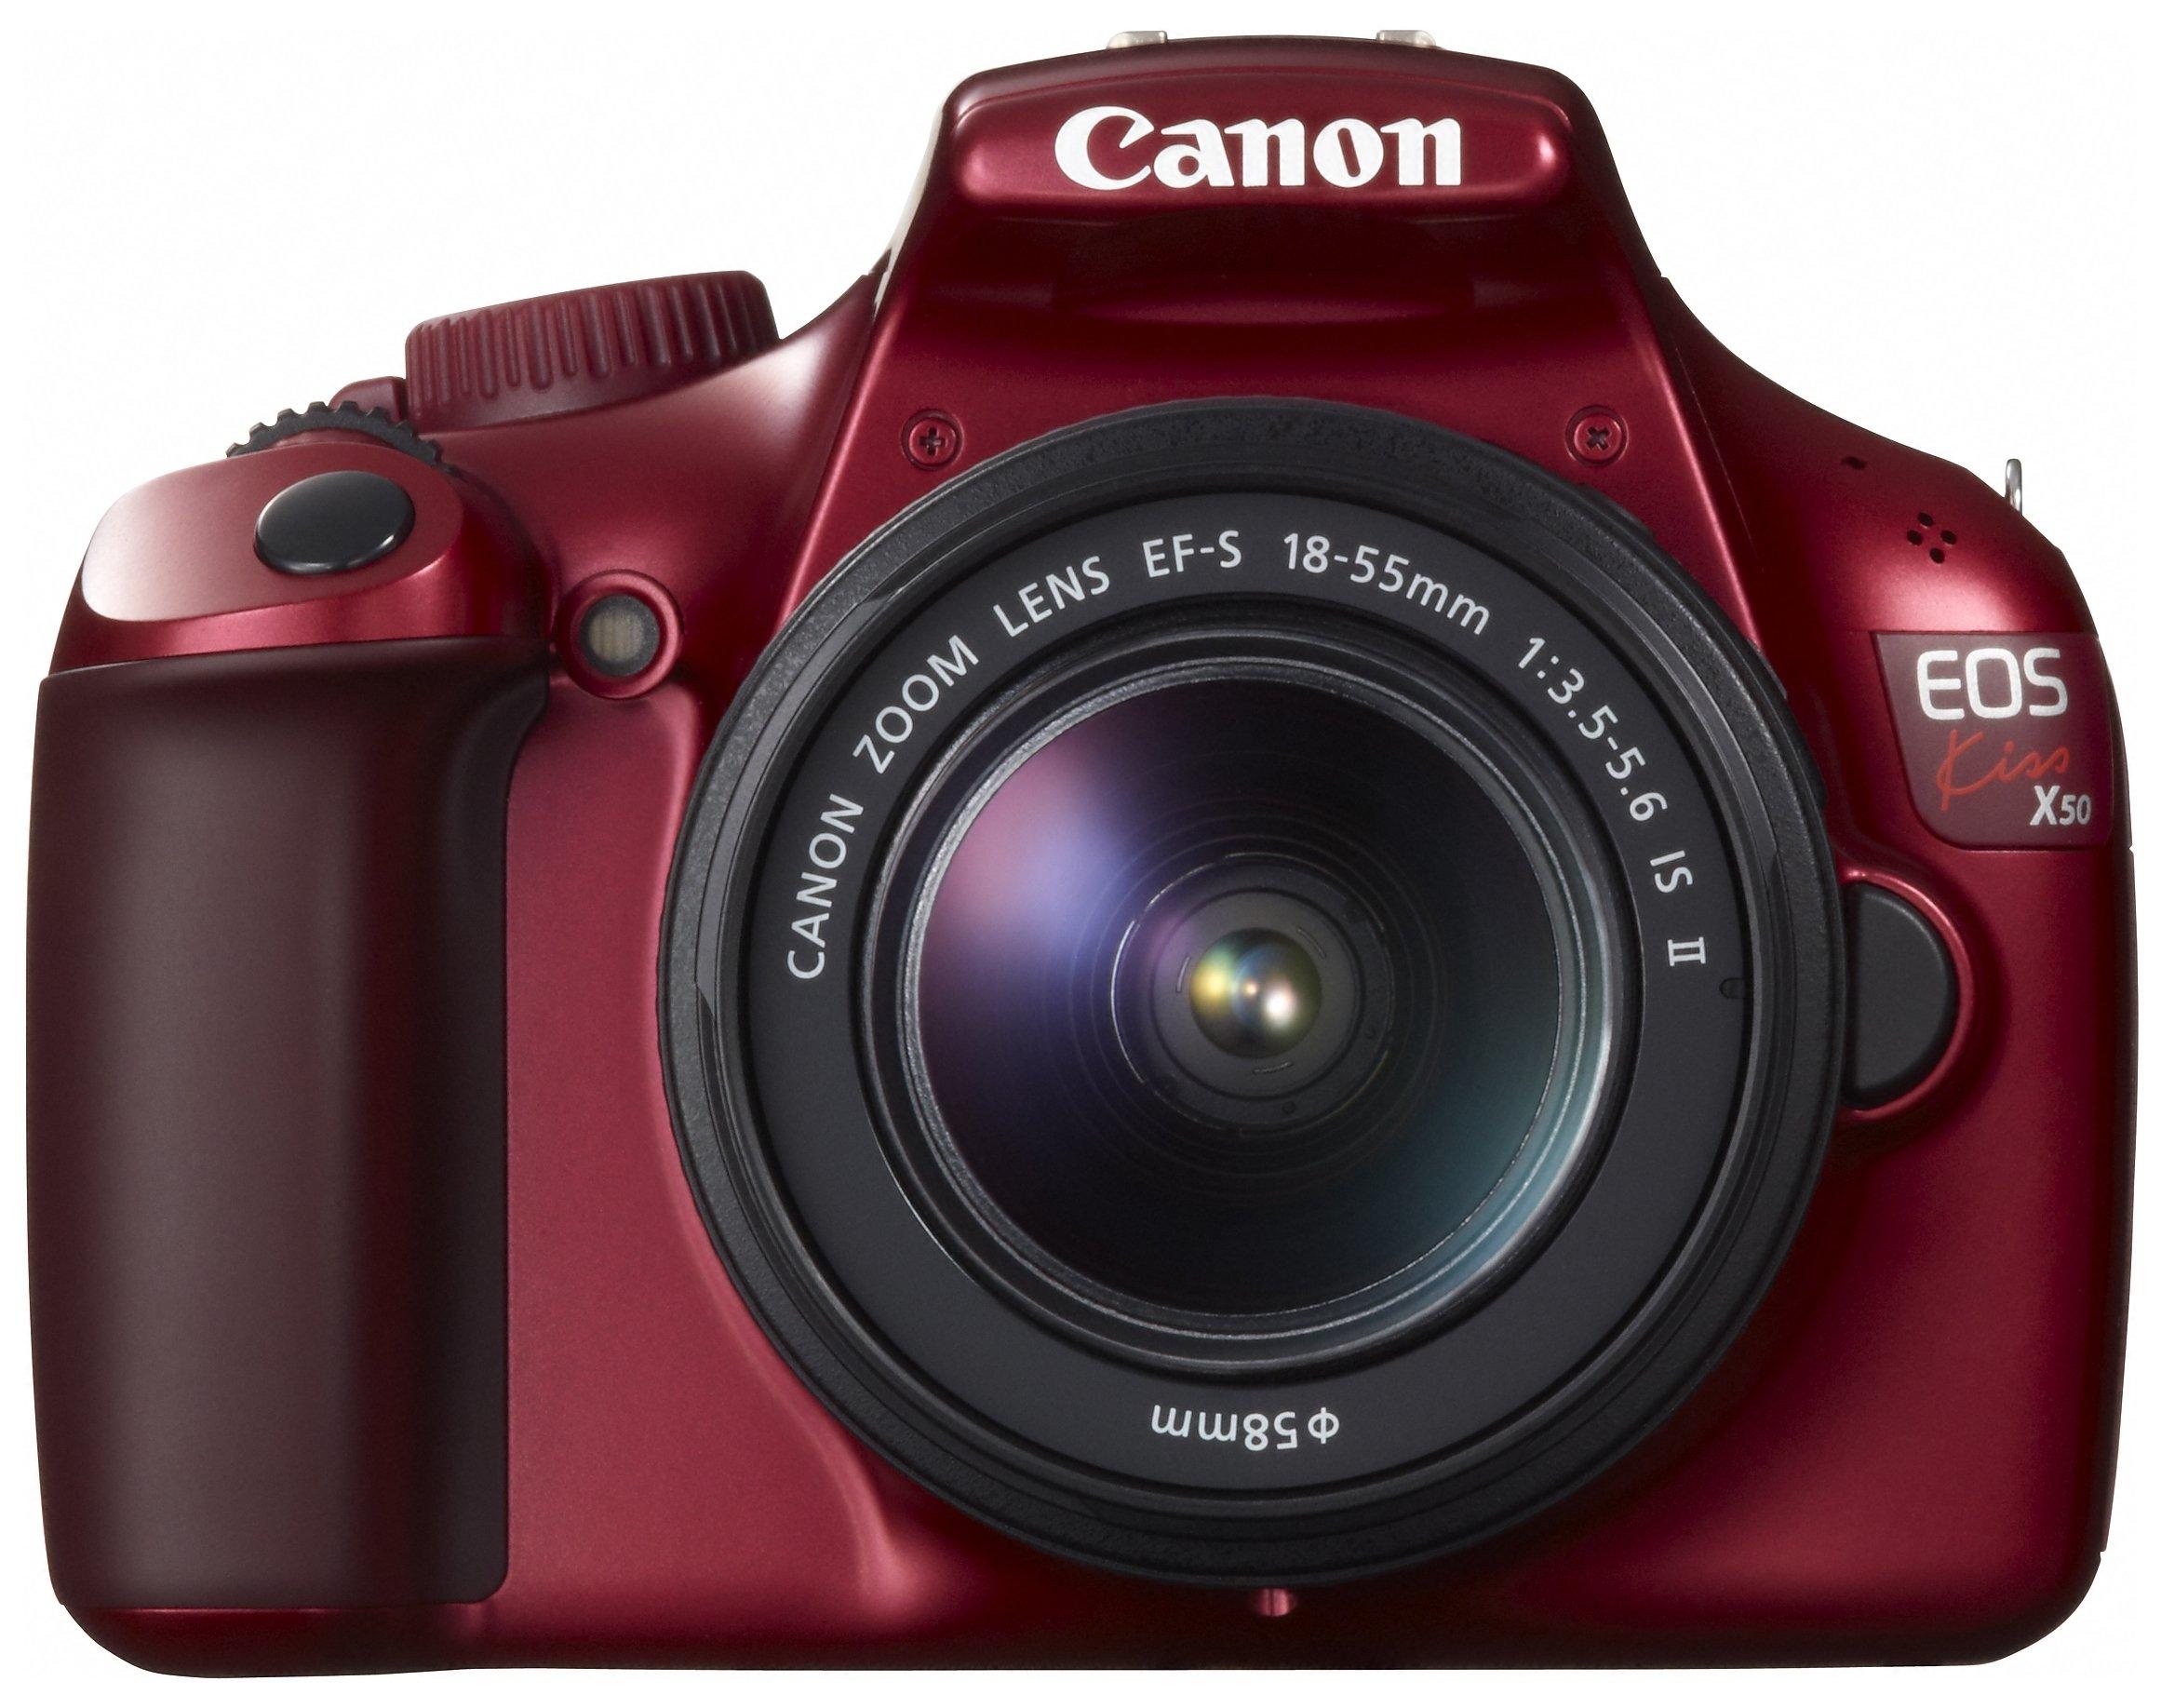 Canon デジタル一眼レフカメラ EOS Kiss X50 レンズキット EF-S18-55mm IsII付属 レッド KISSX50RE-1855IS2LK product image